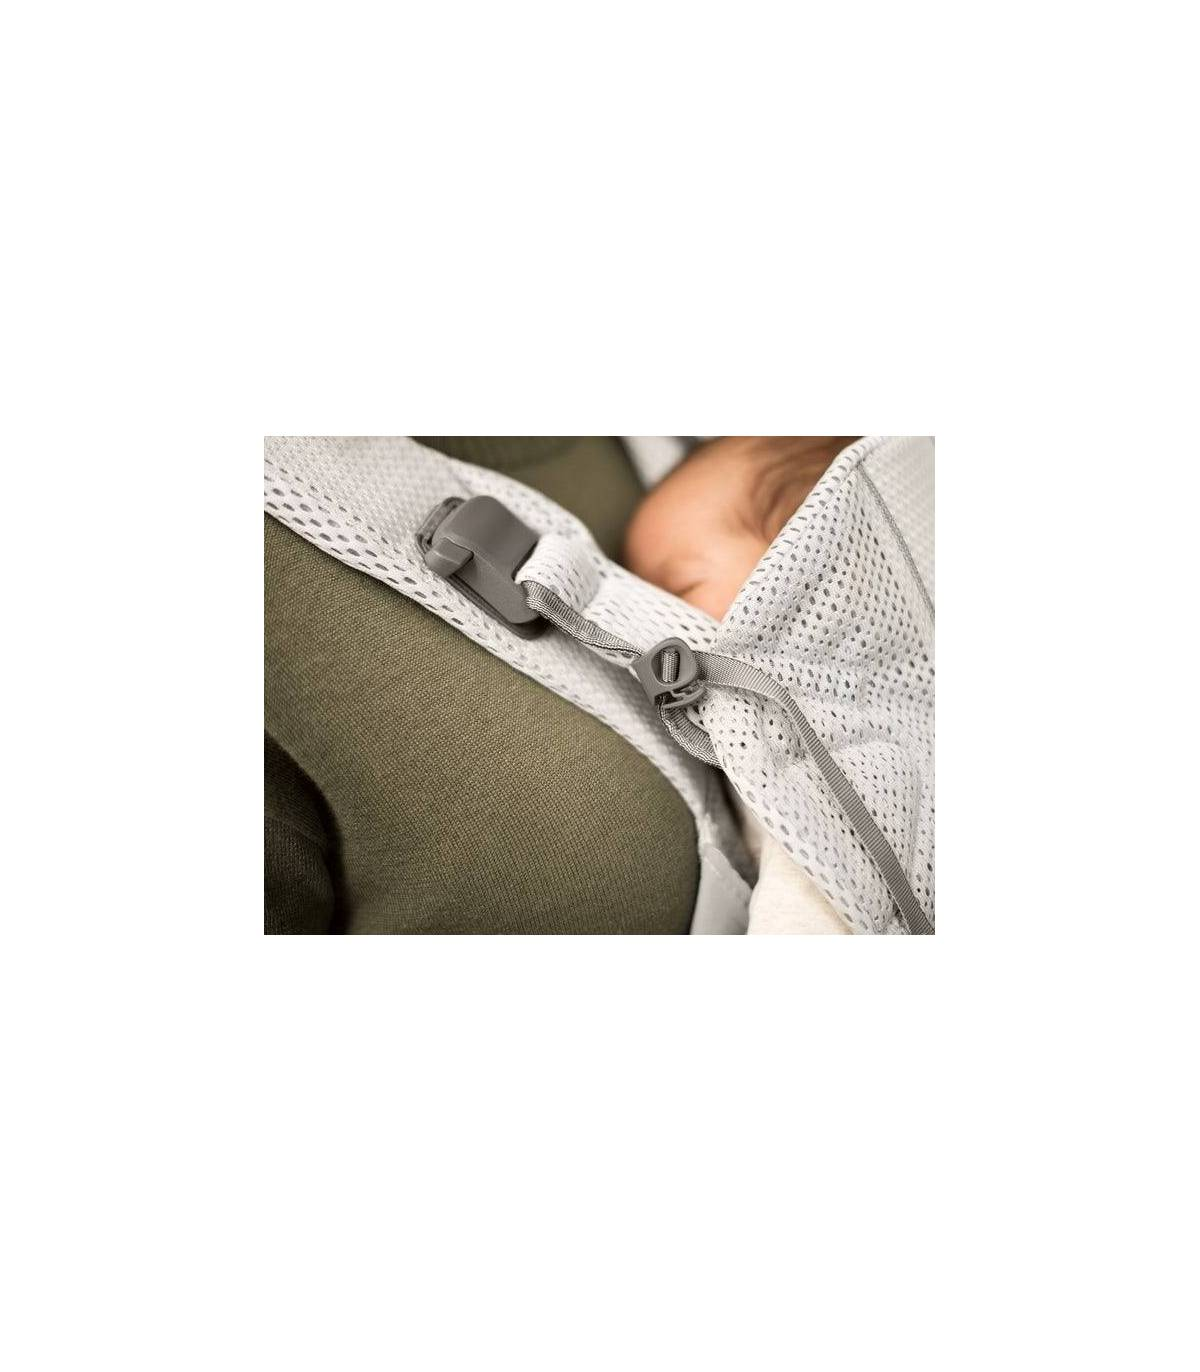 BabyBjörn Tragesitz ONE  3D-Mesh  - Schwarz (Bauchtrage & Rückentrage)